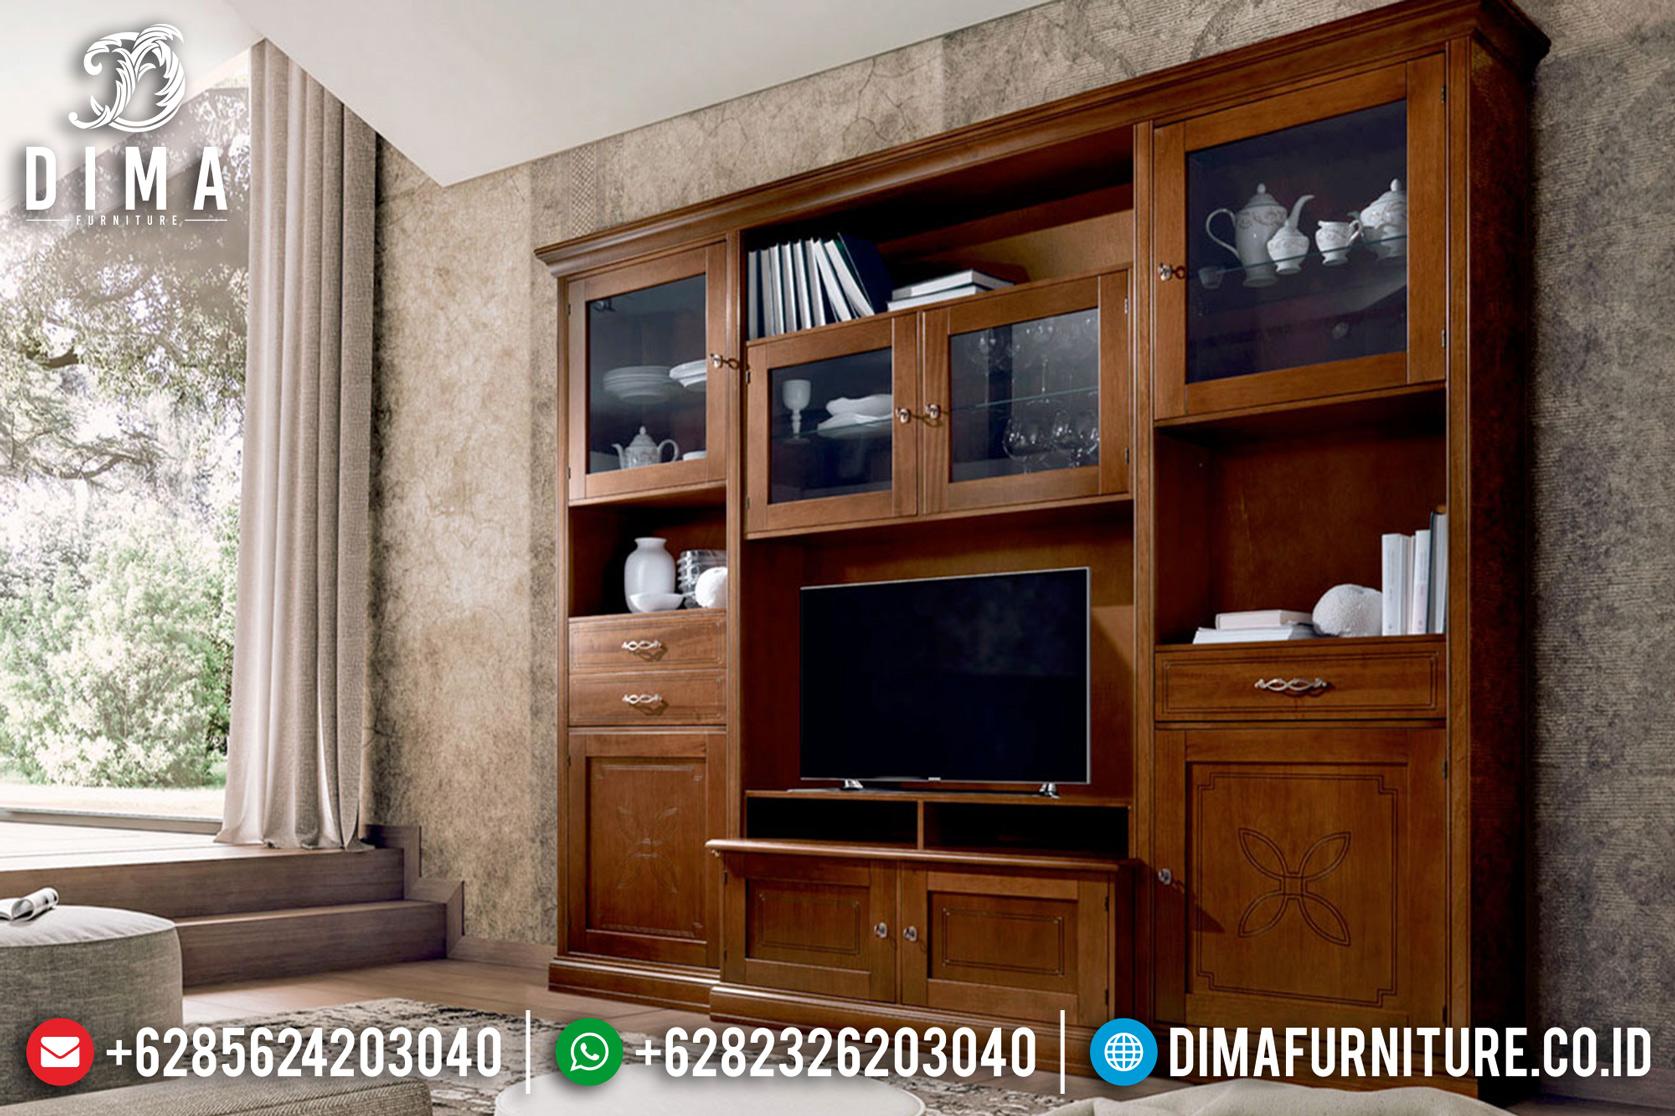 Bufet TV Minimalis Jepara, Lemari Hias Jati, Meja TV Jati Jepara DF-0779